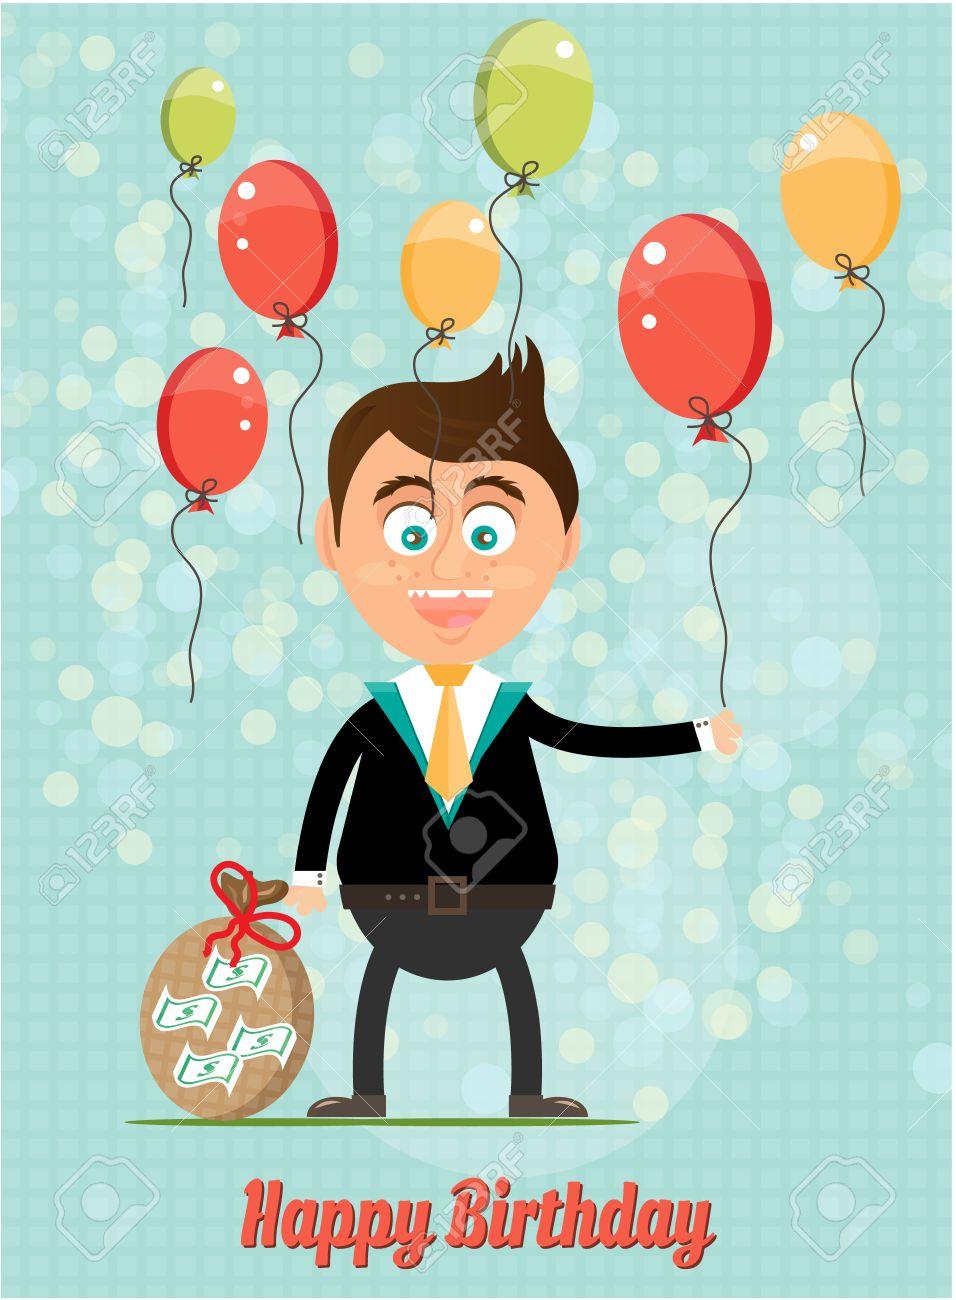 Tarjeta De Cumpleanos Con La Sonrisa Del Hombre Con Dinero Globos